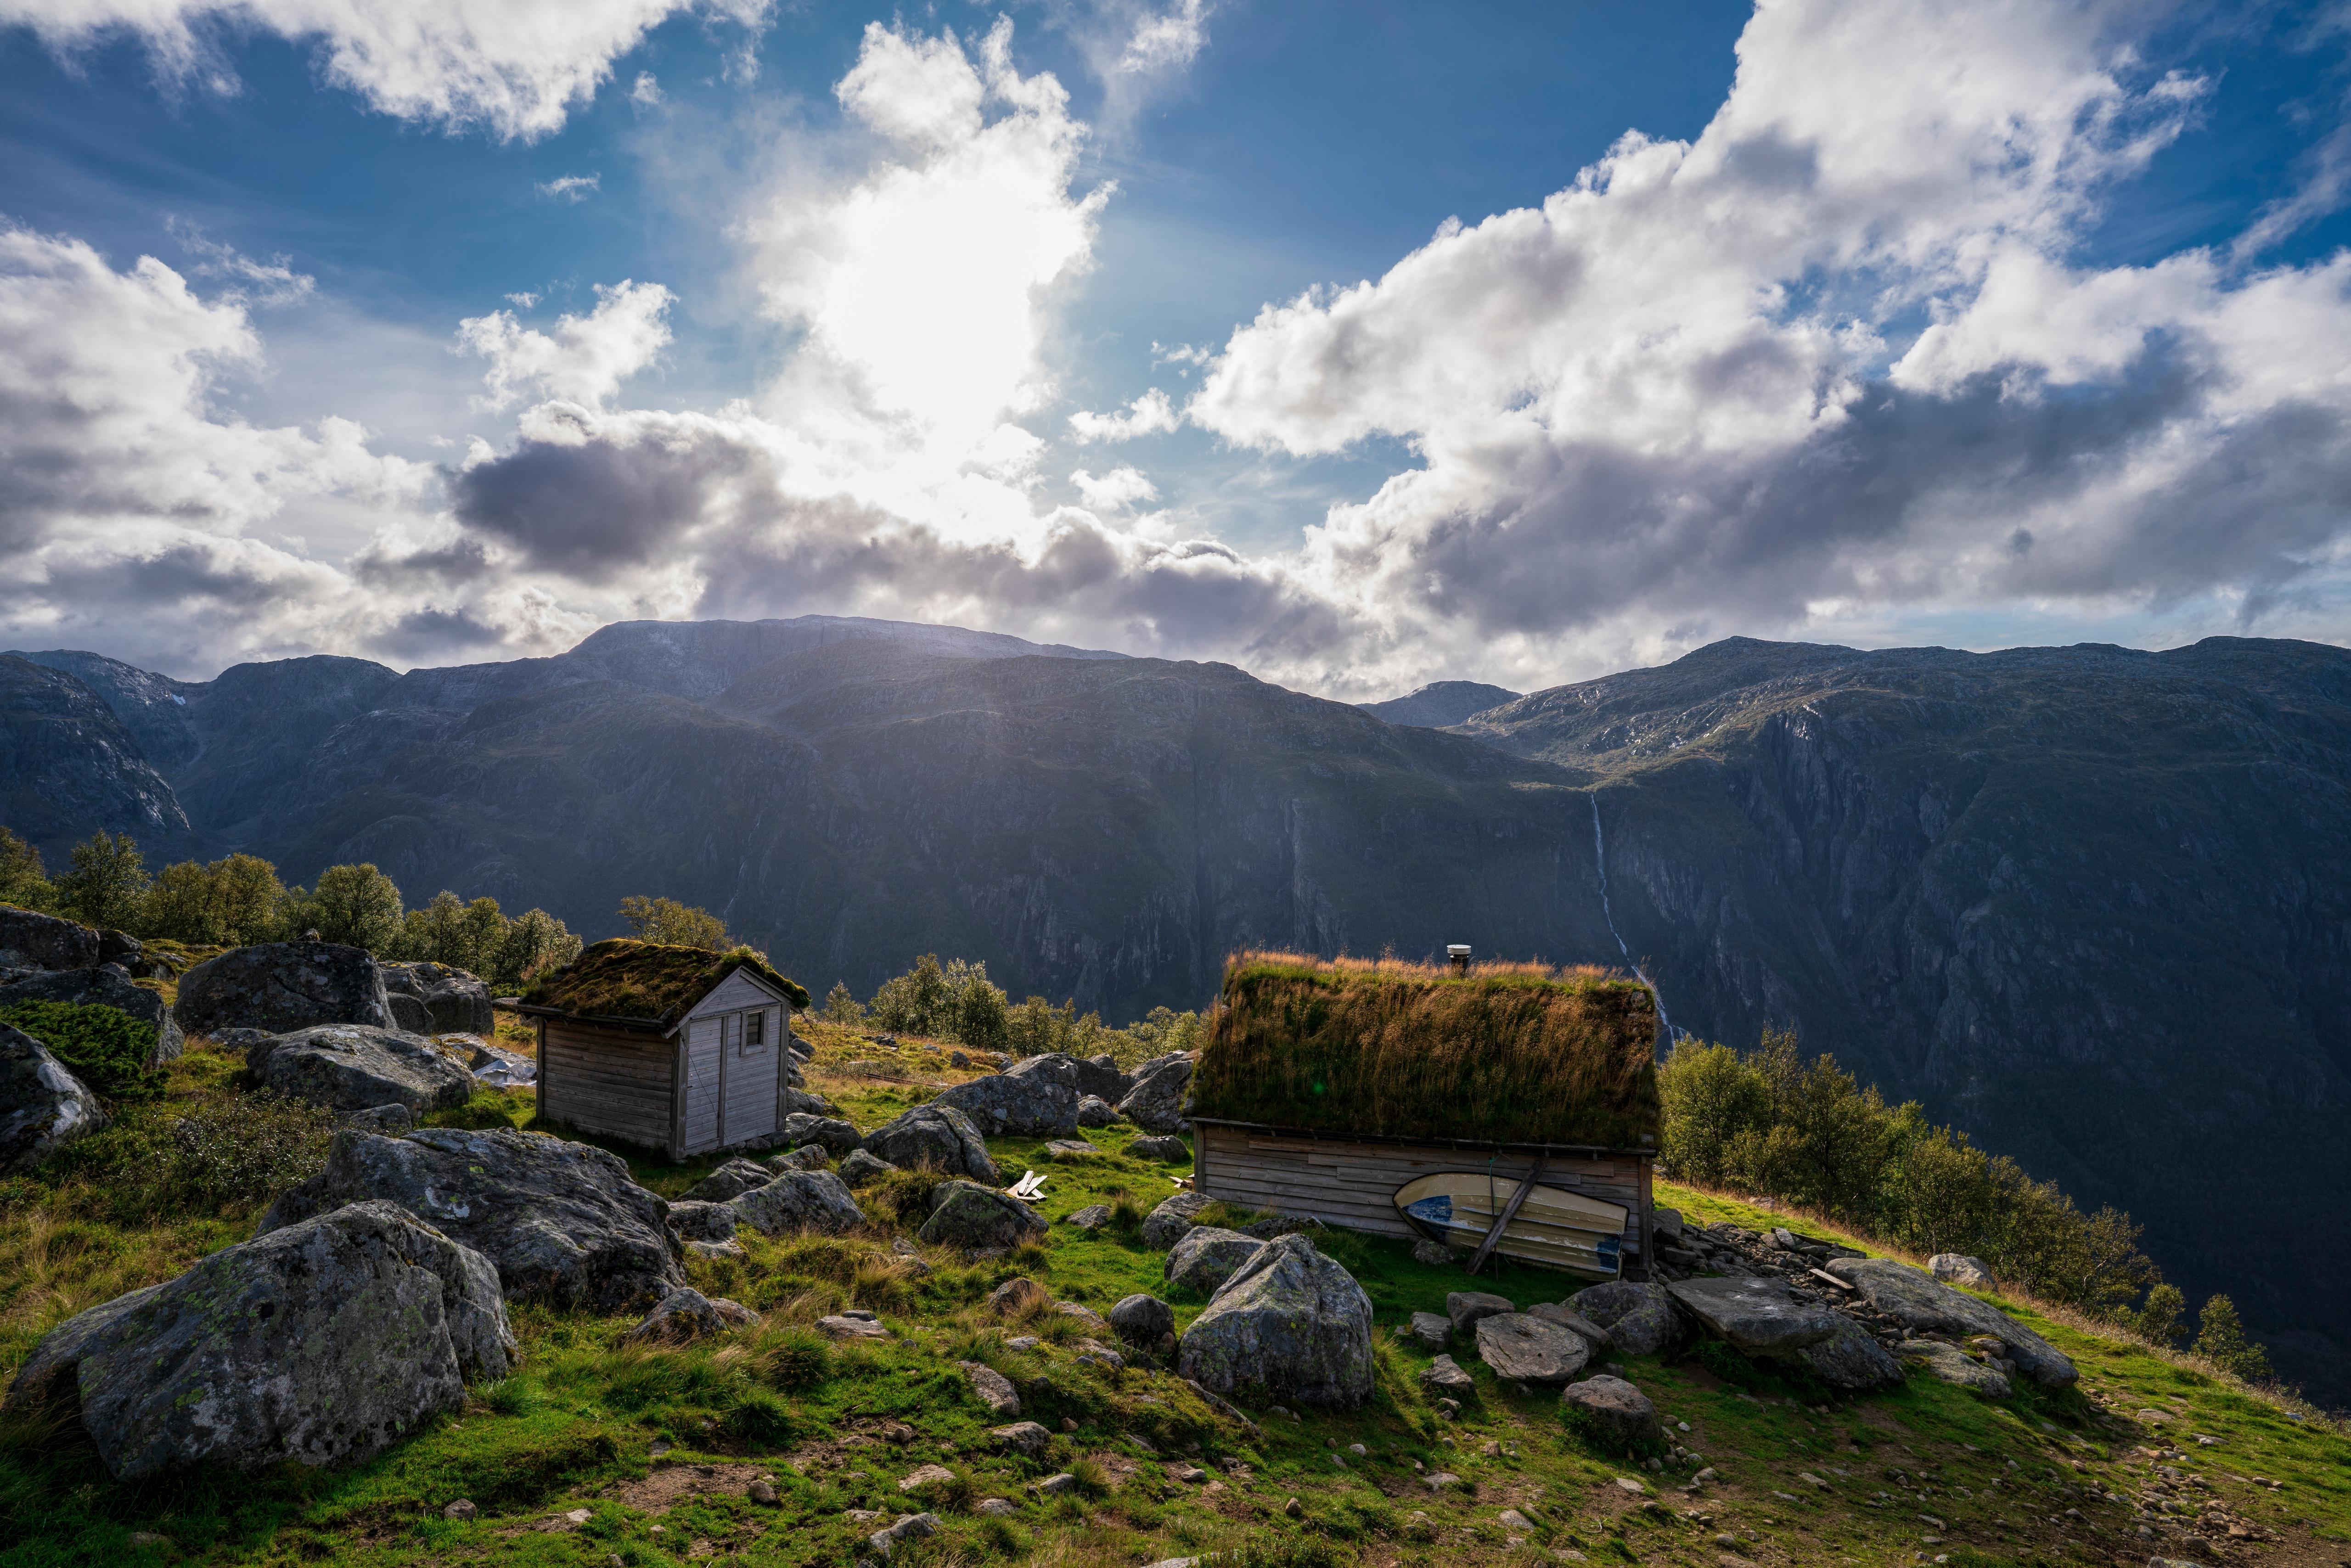 Фотография Норвегия Folgefonna National Park гора Природа парк Камень Облака Горы Парки Камни облако облачно